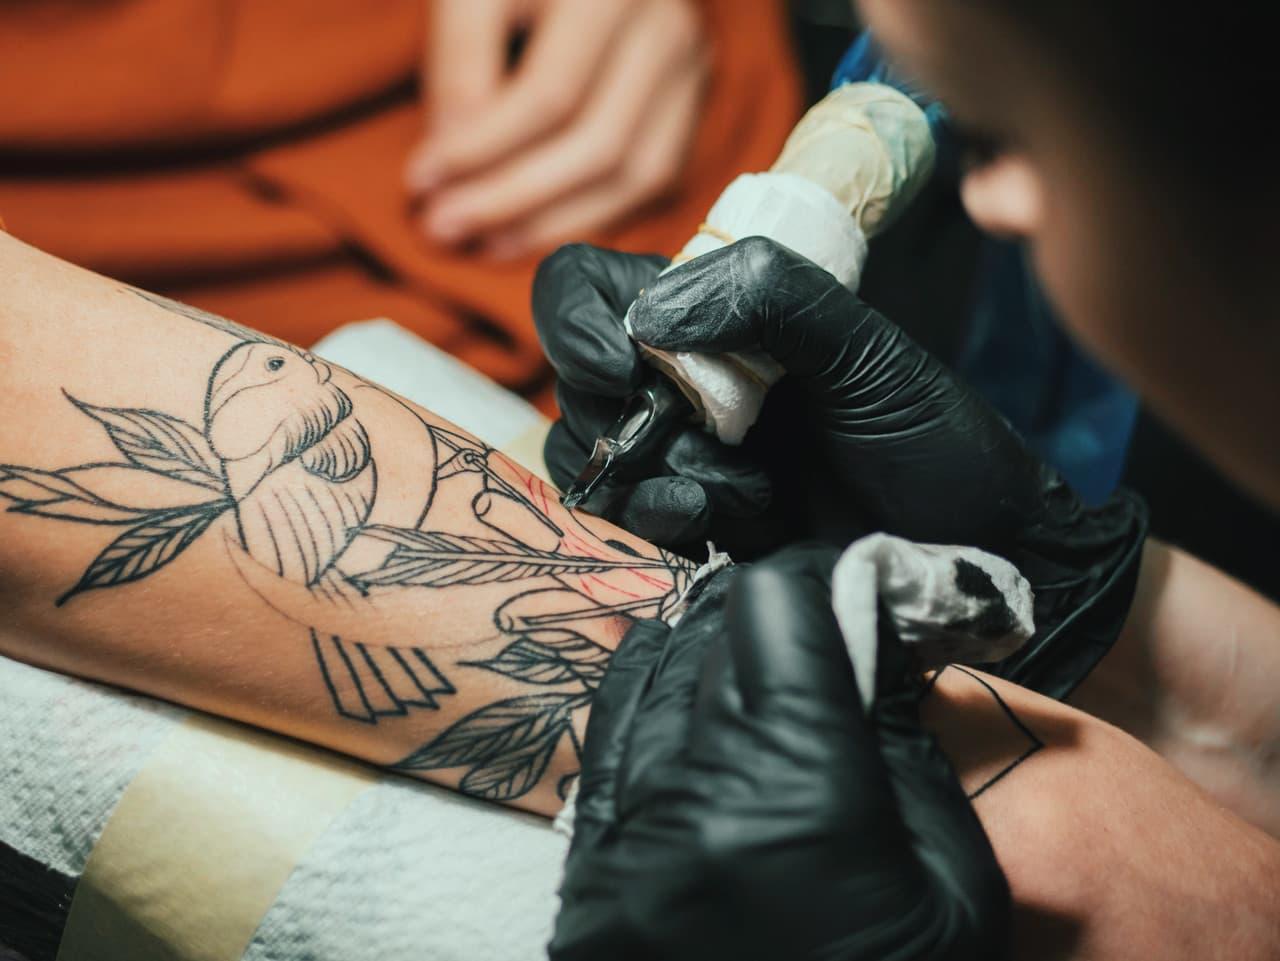 Dicas para Tatuagem - Escolha do Desenho